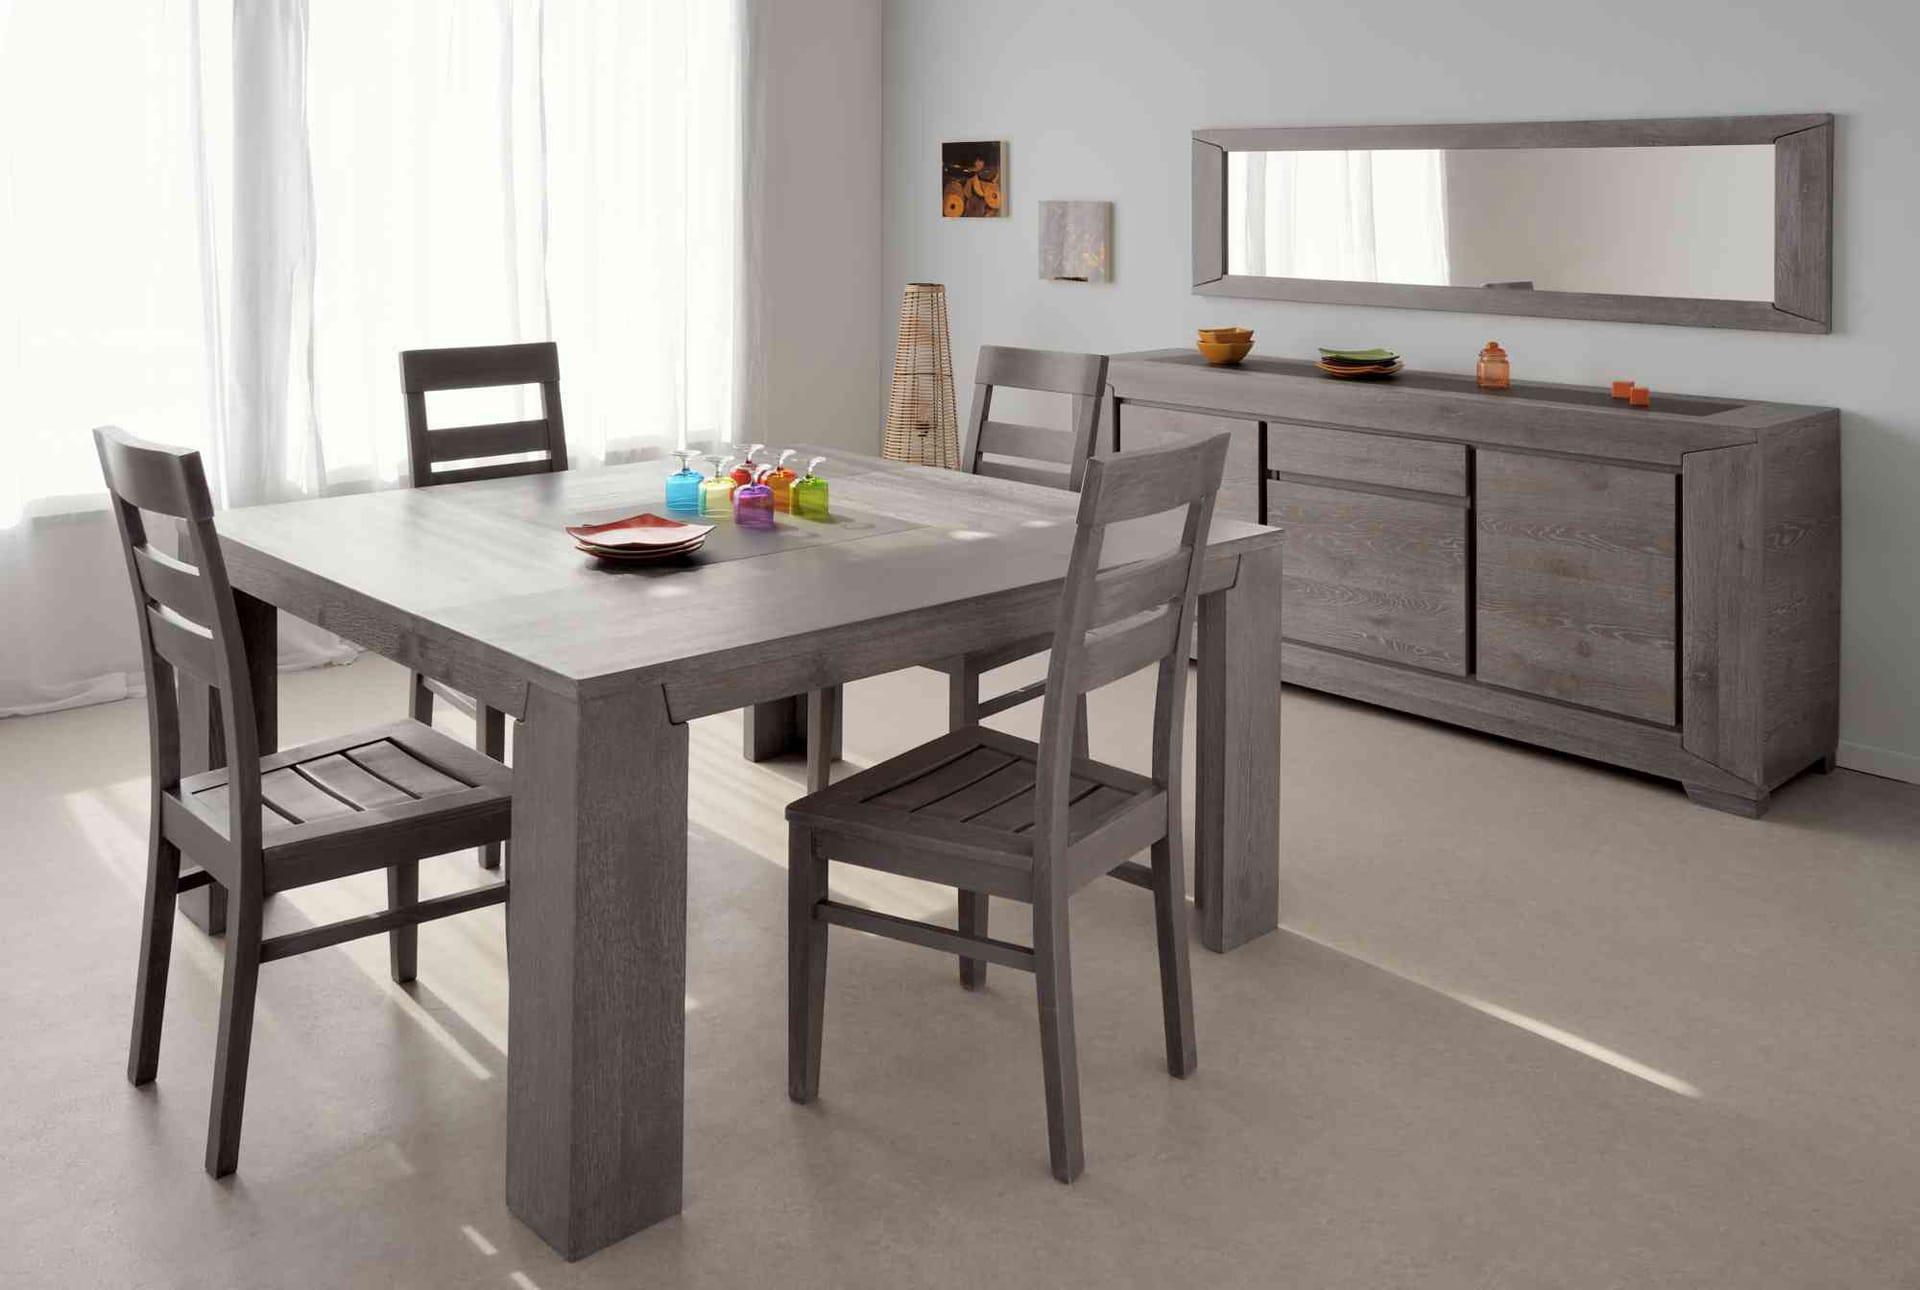 le miroir dans la salle manger effet visuel garanti. Black Bedroom Furniture Sets. Home Design Ideas